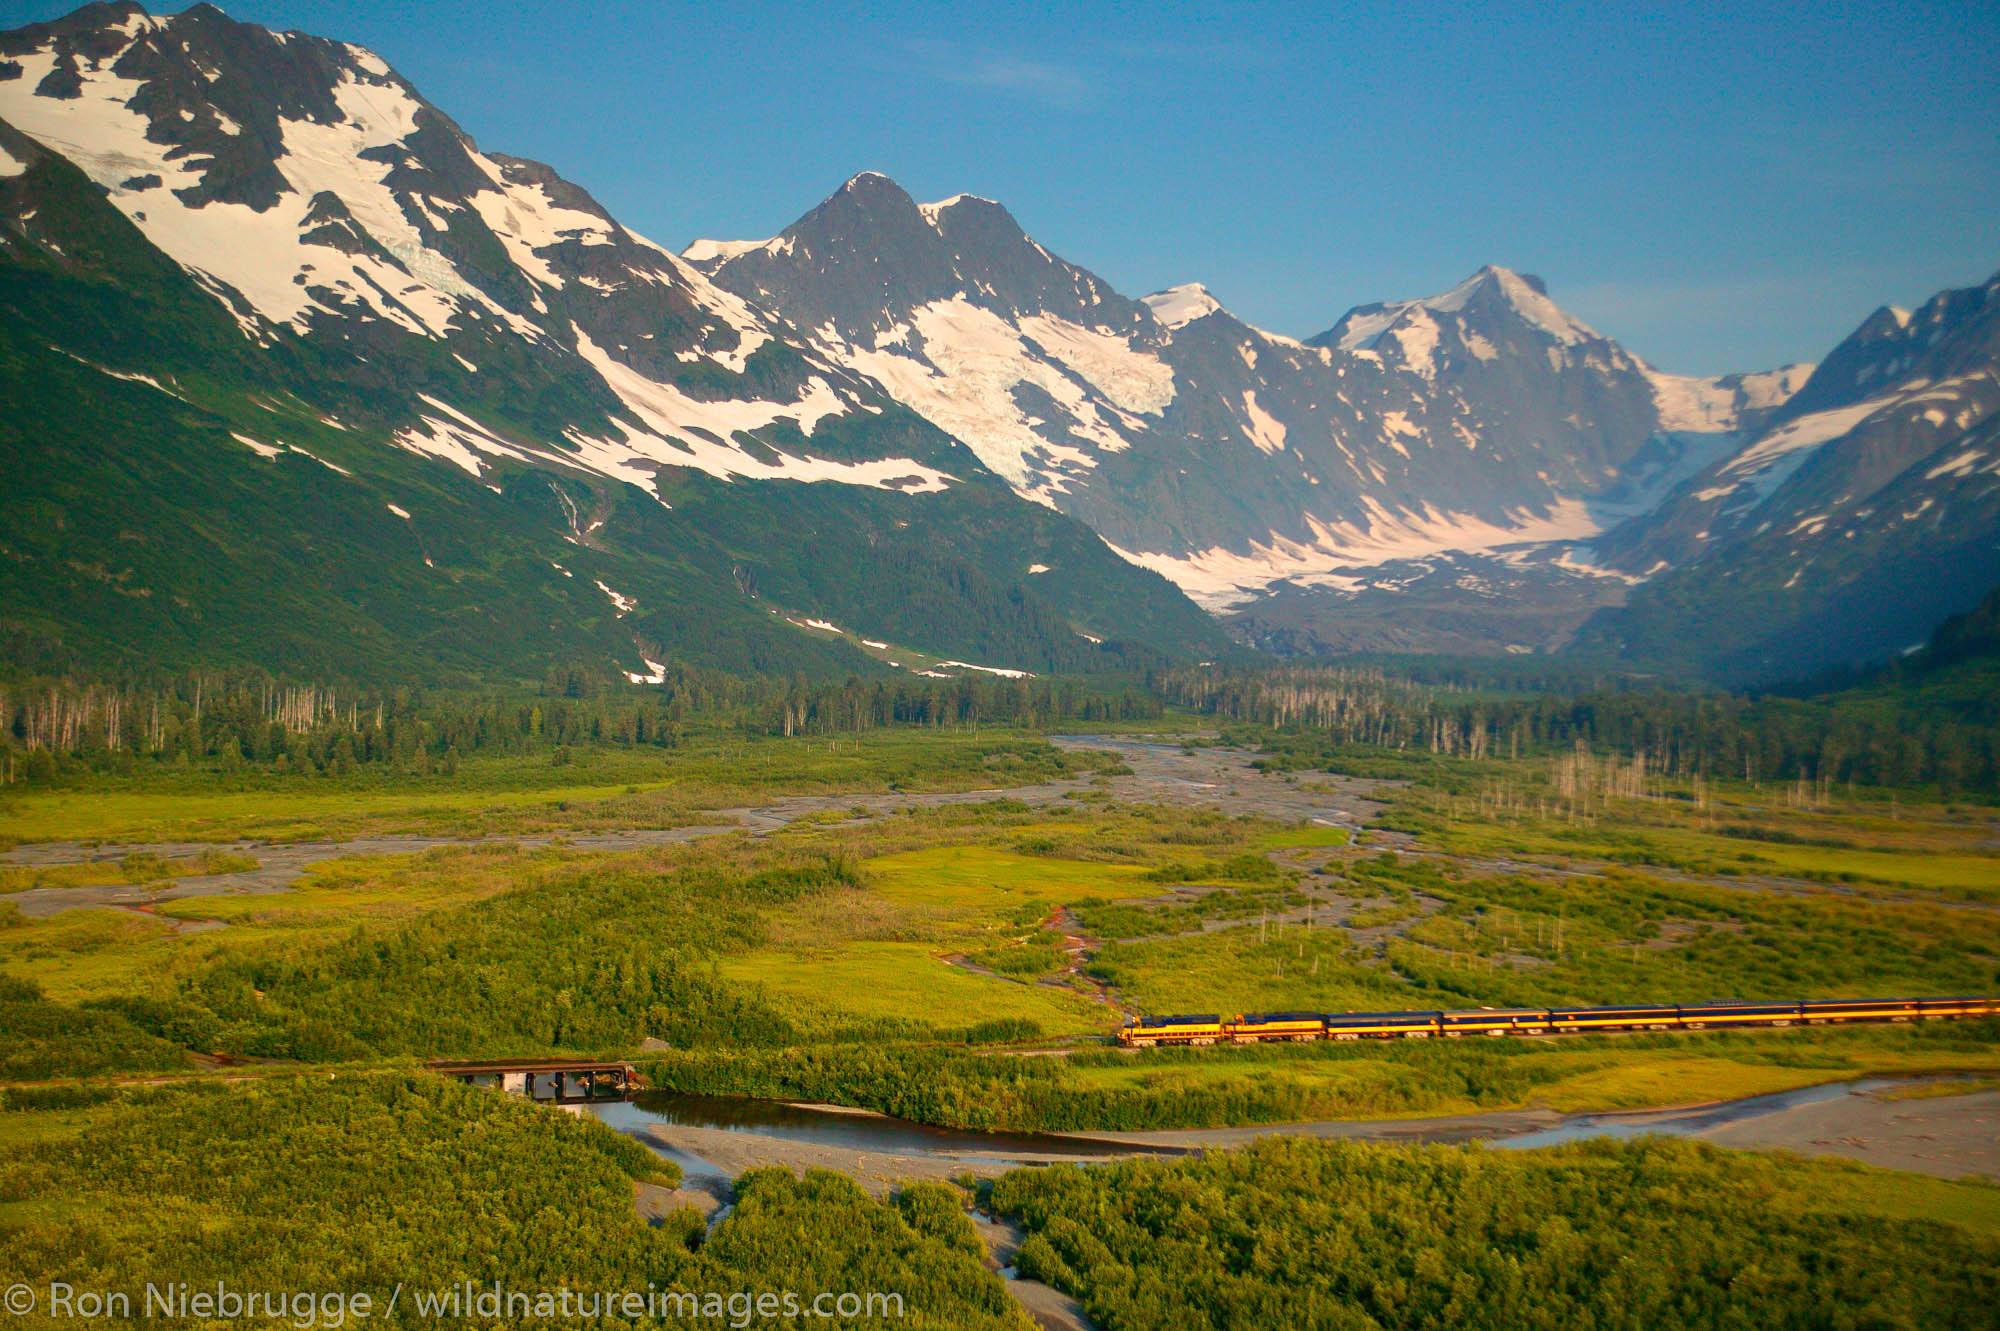 Alaska Railroad passes through the Chugach National Forest, Kenai Peninsula on its way between Seward and Anchorage, Alaska.